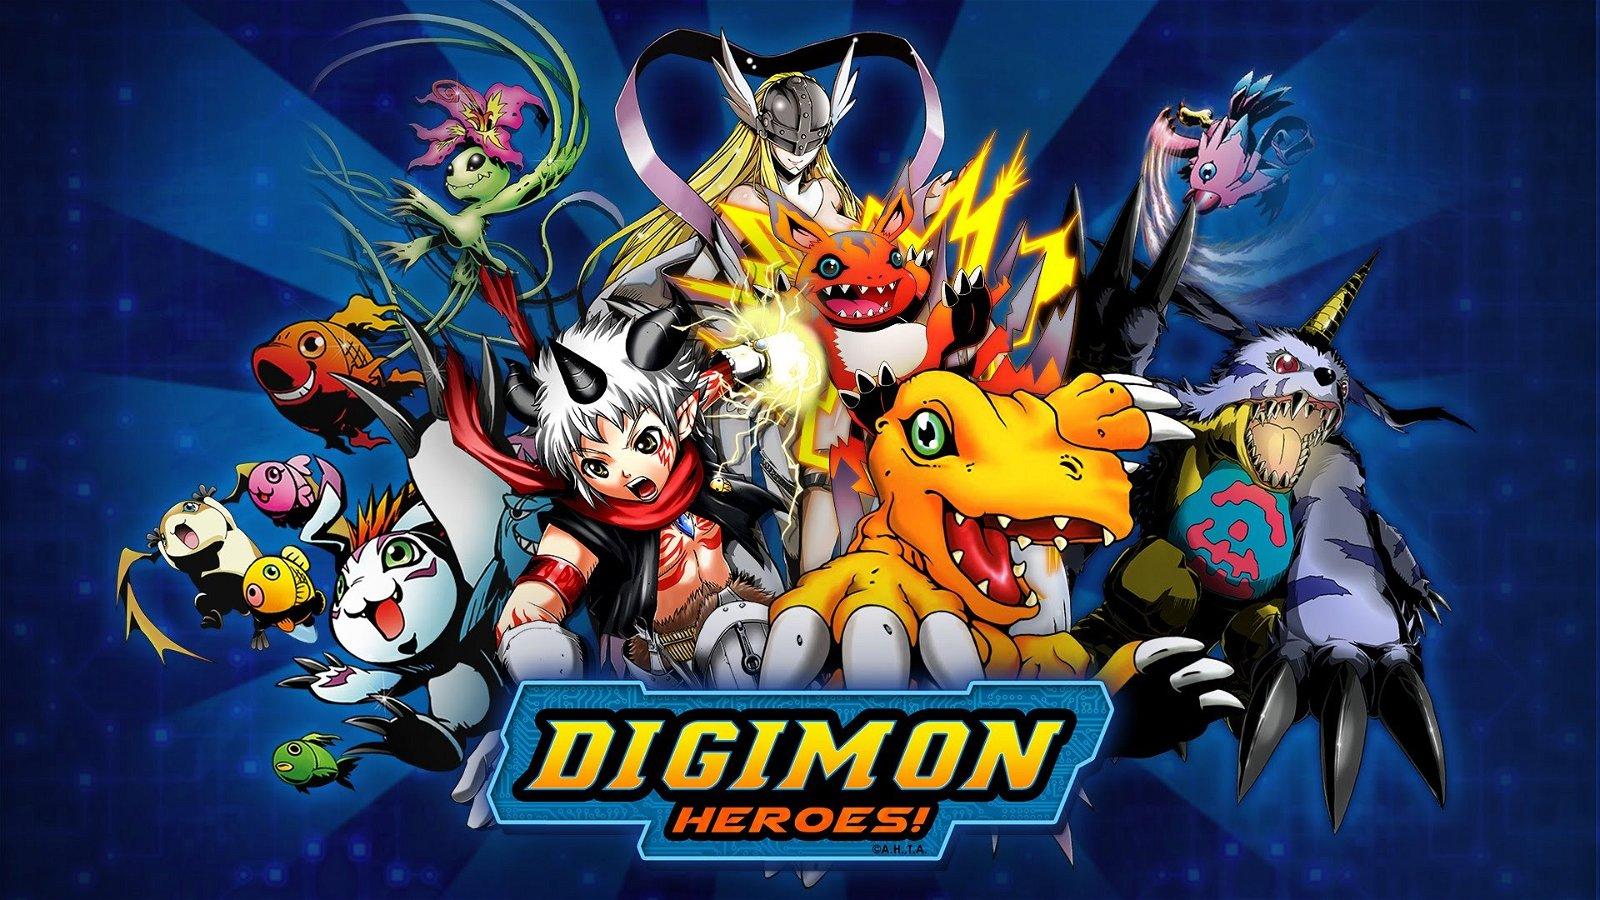 Digimon Heroes, gratuito para iOS y Android, recibe una nueva actualización